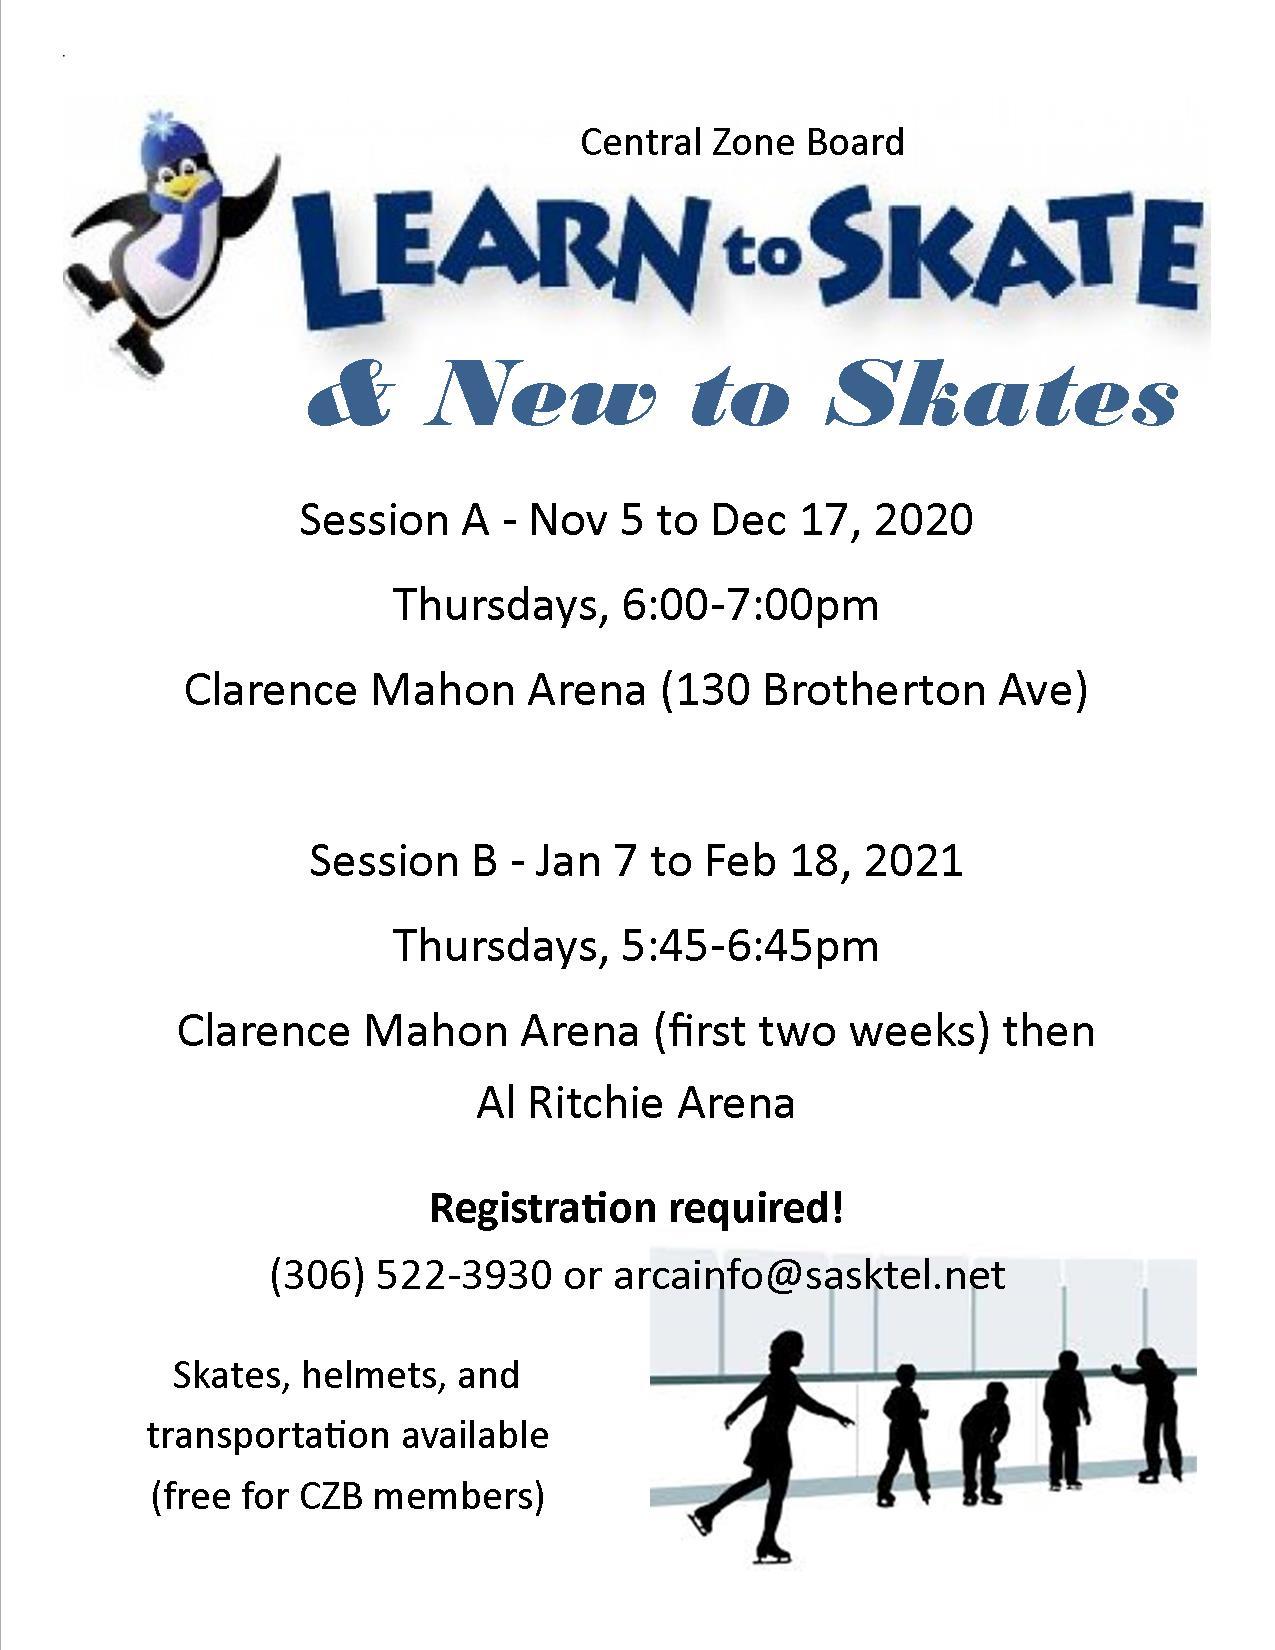 New to Skates